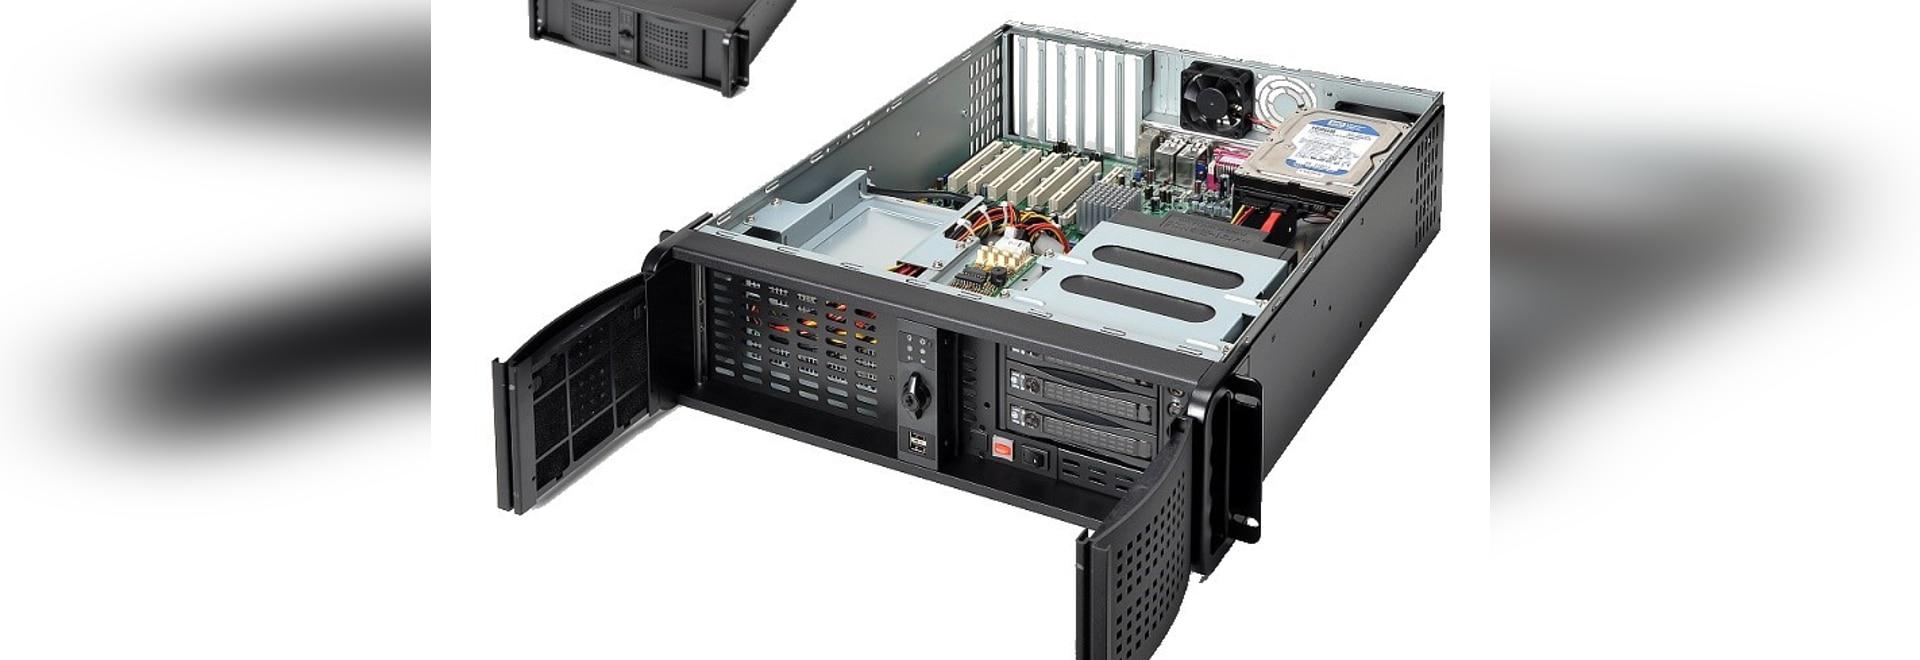 Telaio di calcolo del server della nuvola di AICSYS Inc. 3U IoT per la scheda madre di ATX e 10 baie di azionamento